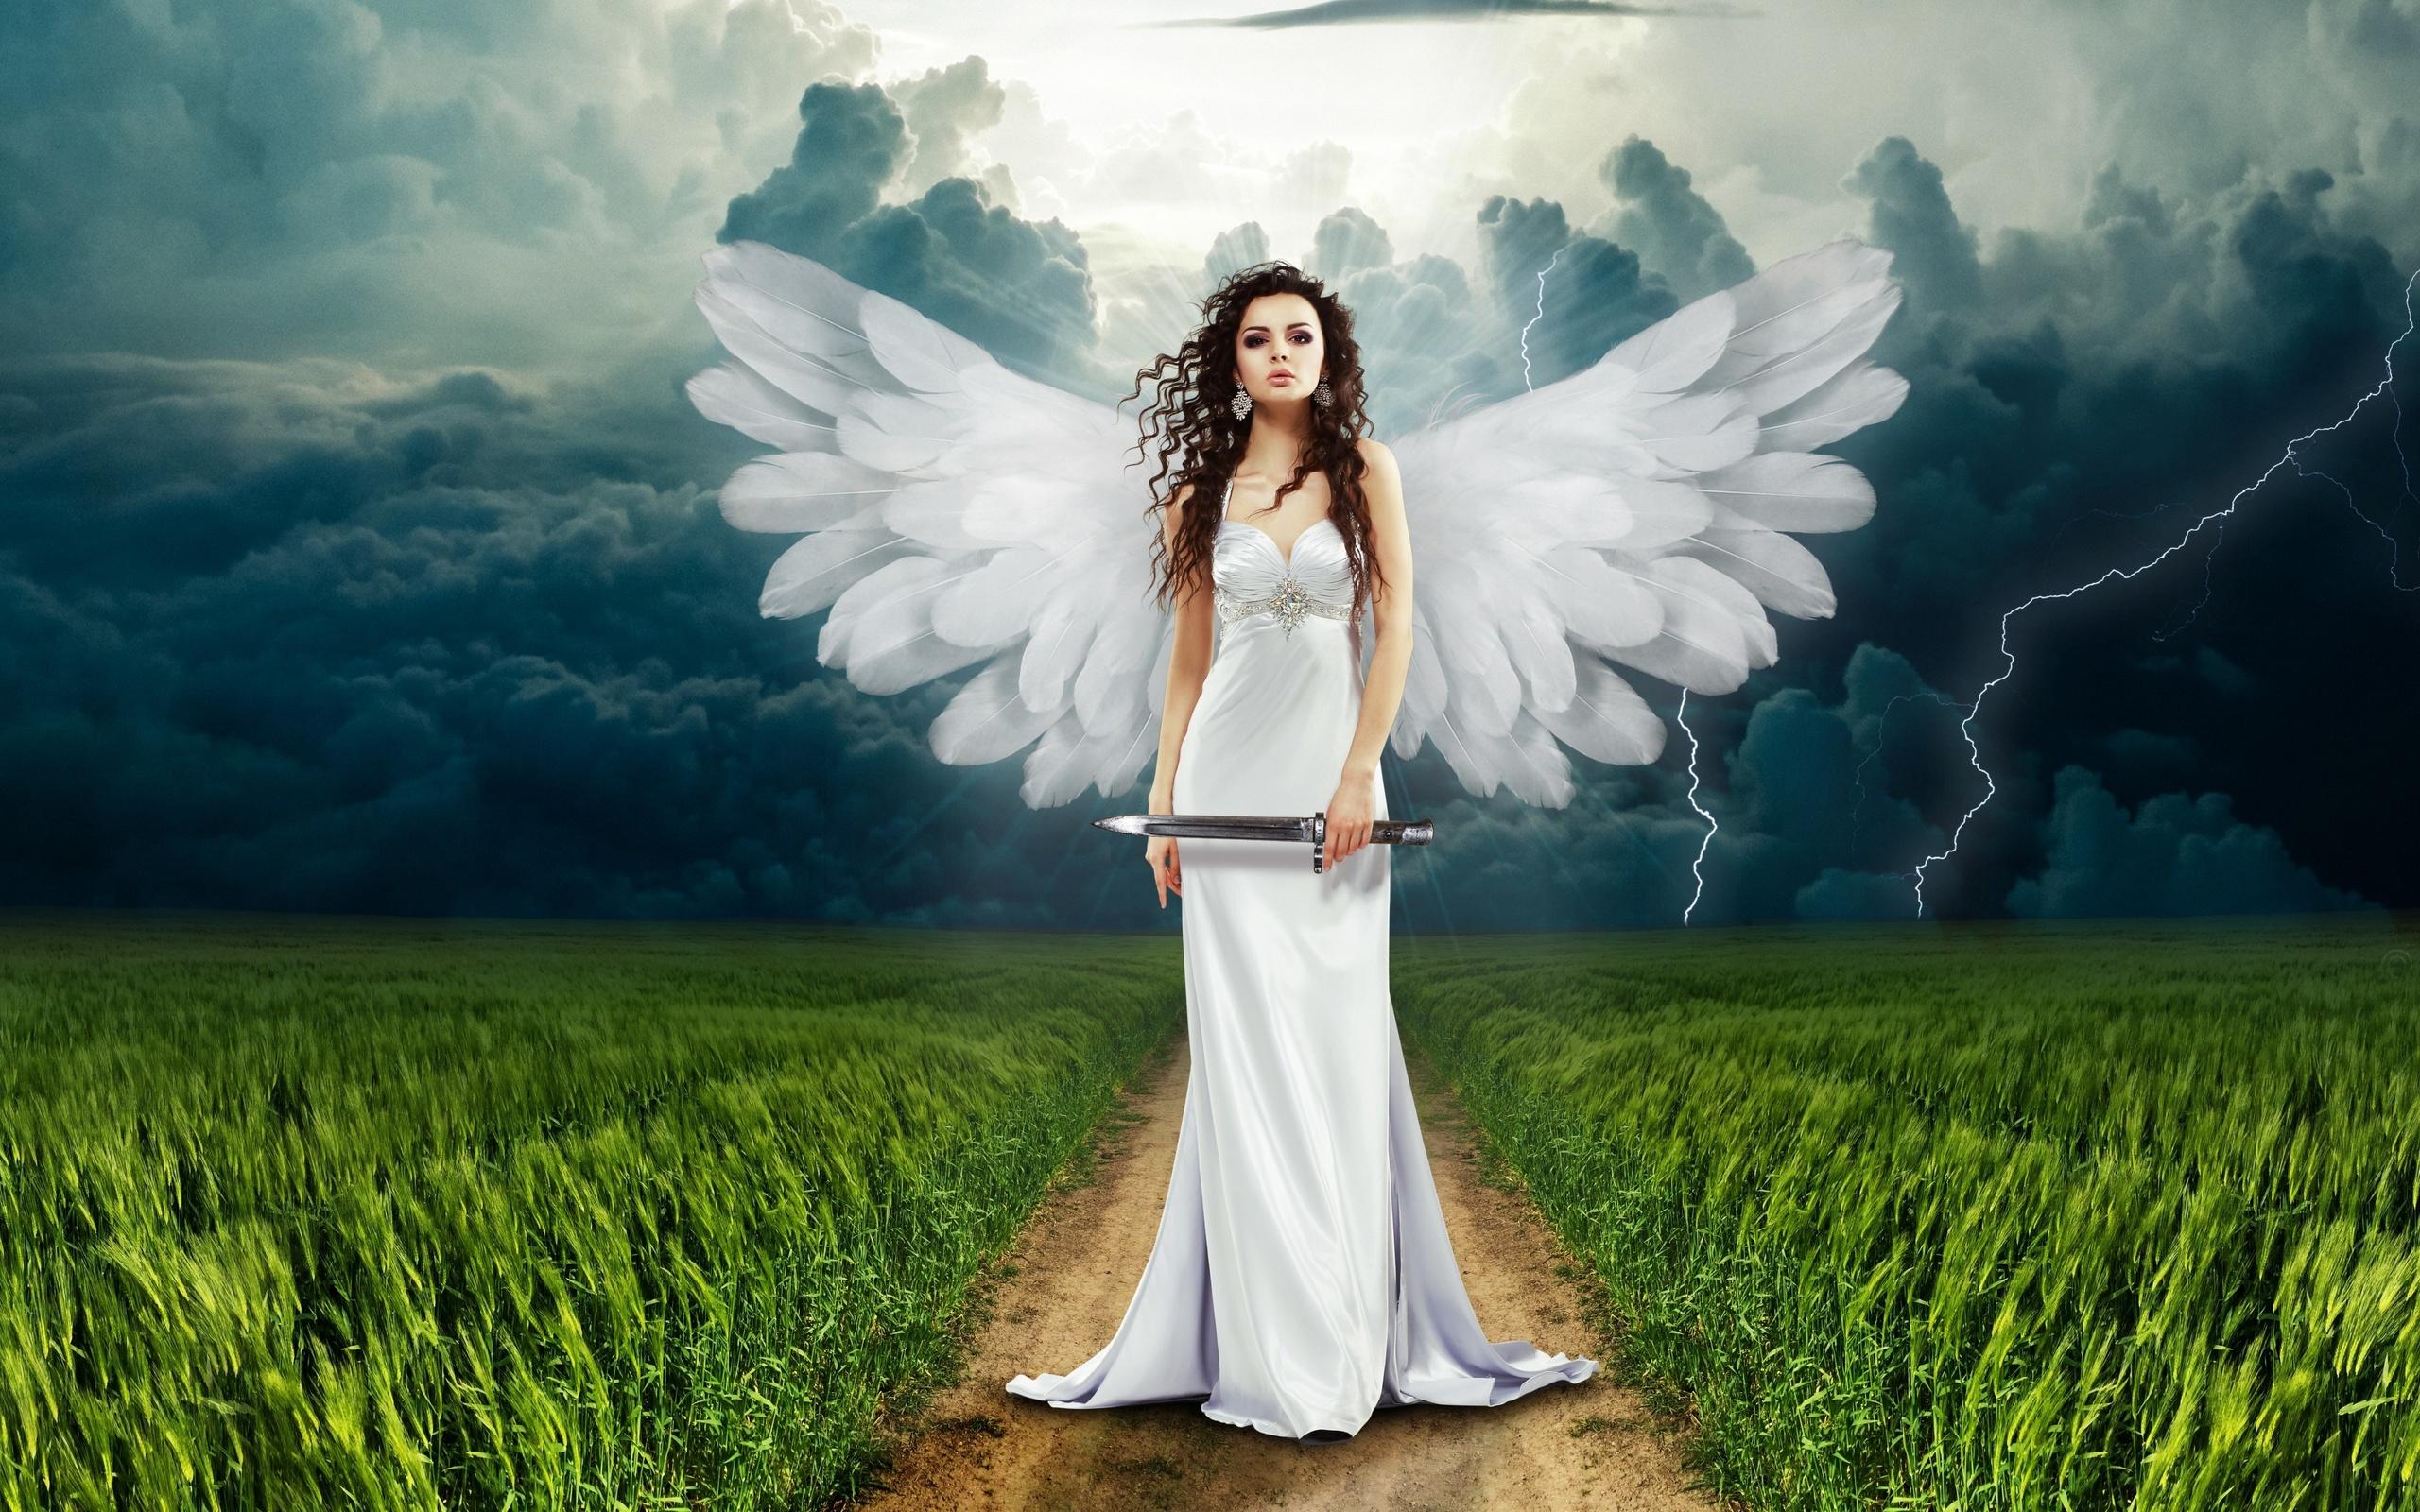 потомок ридикюля необычный ангел картинки вода